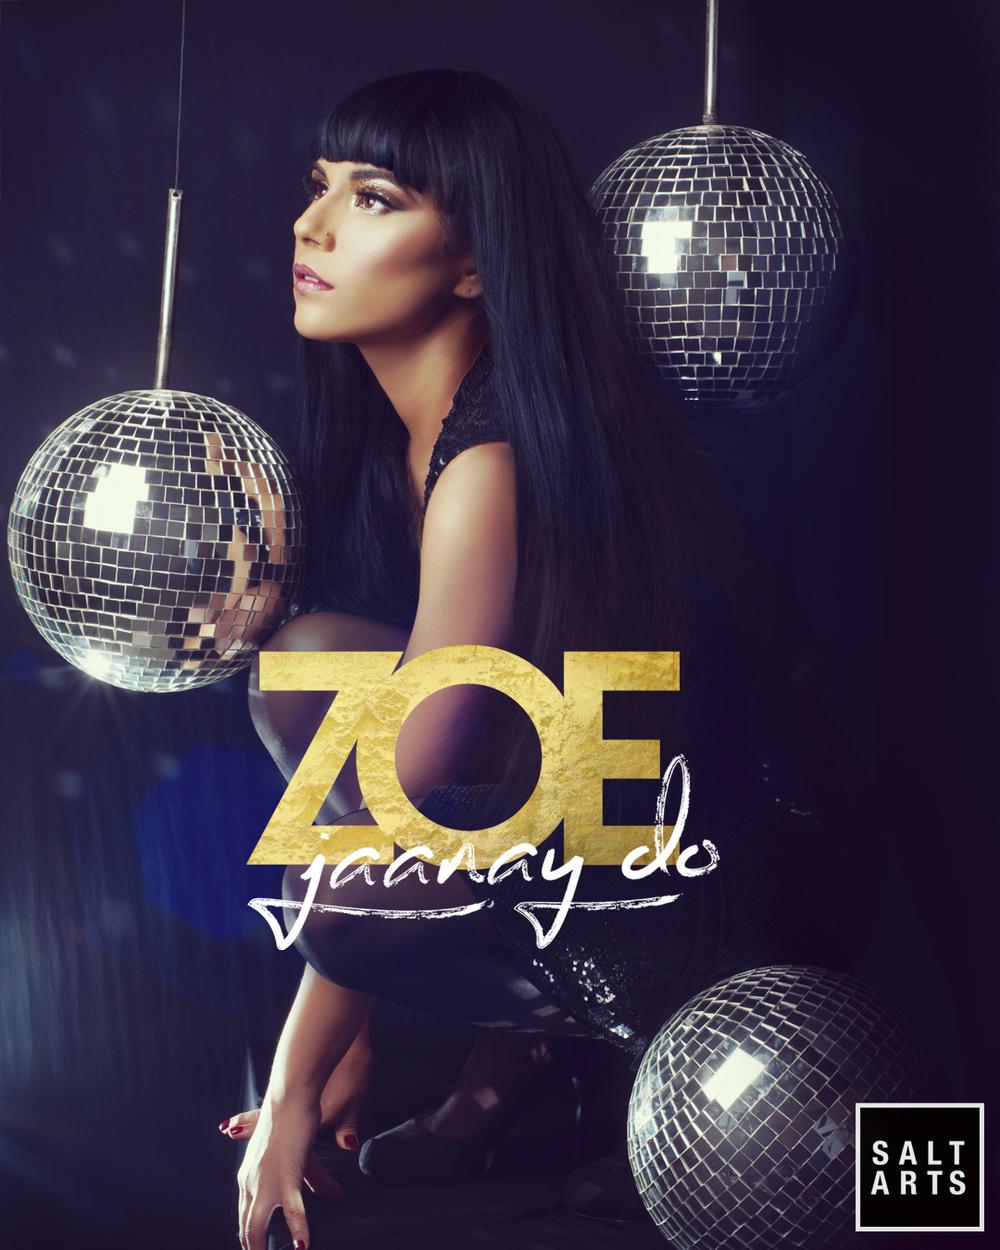 02 Zoe Viccaji Jaanay Do Disco ball.jpg